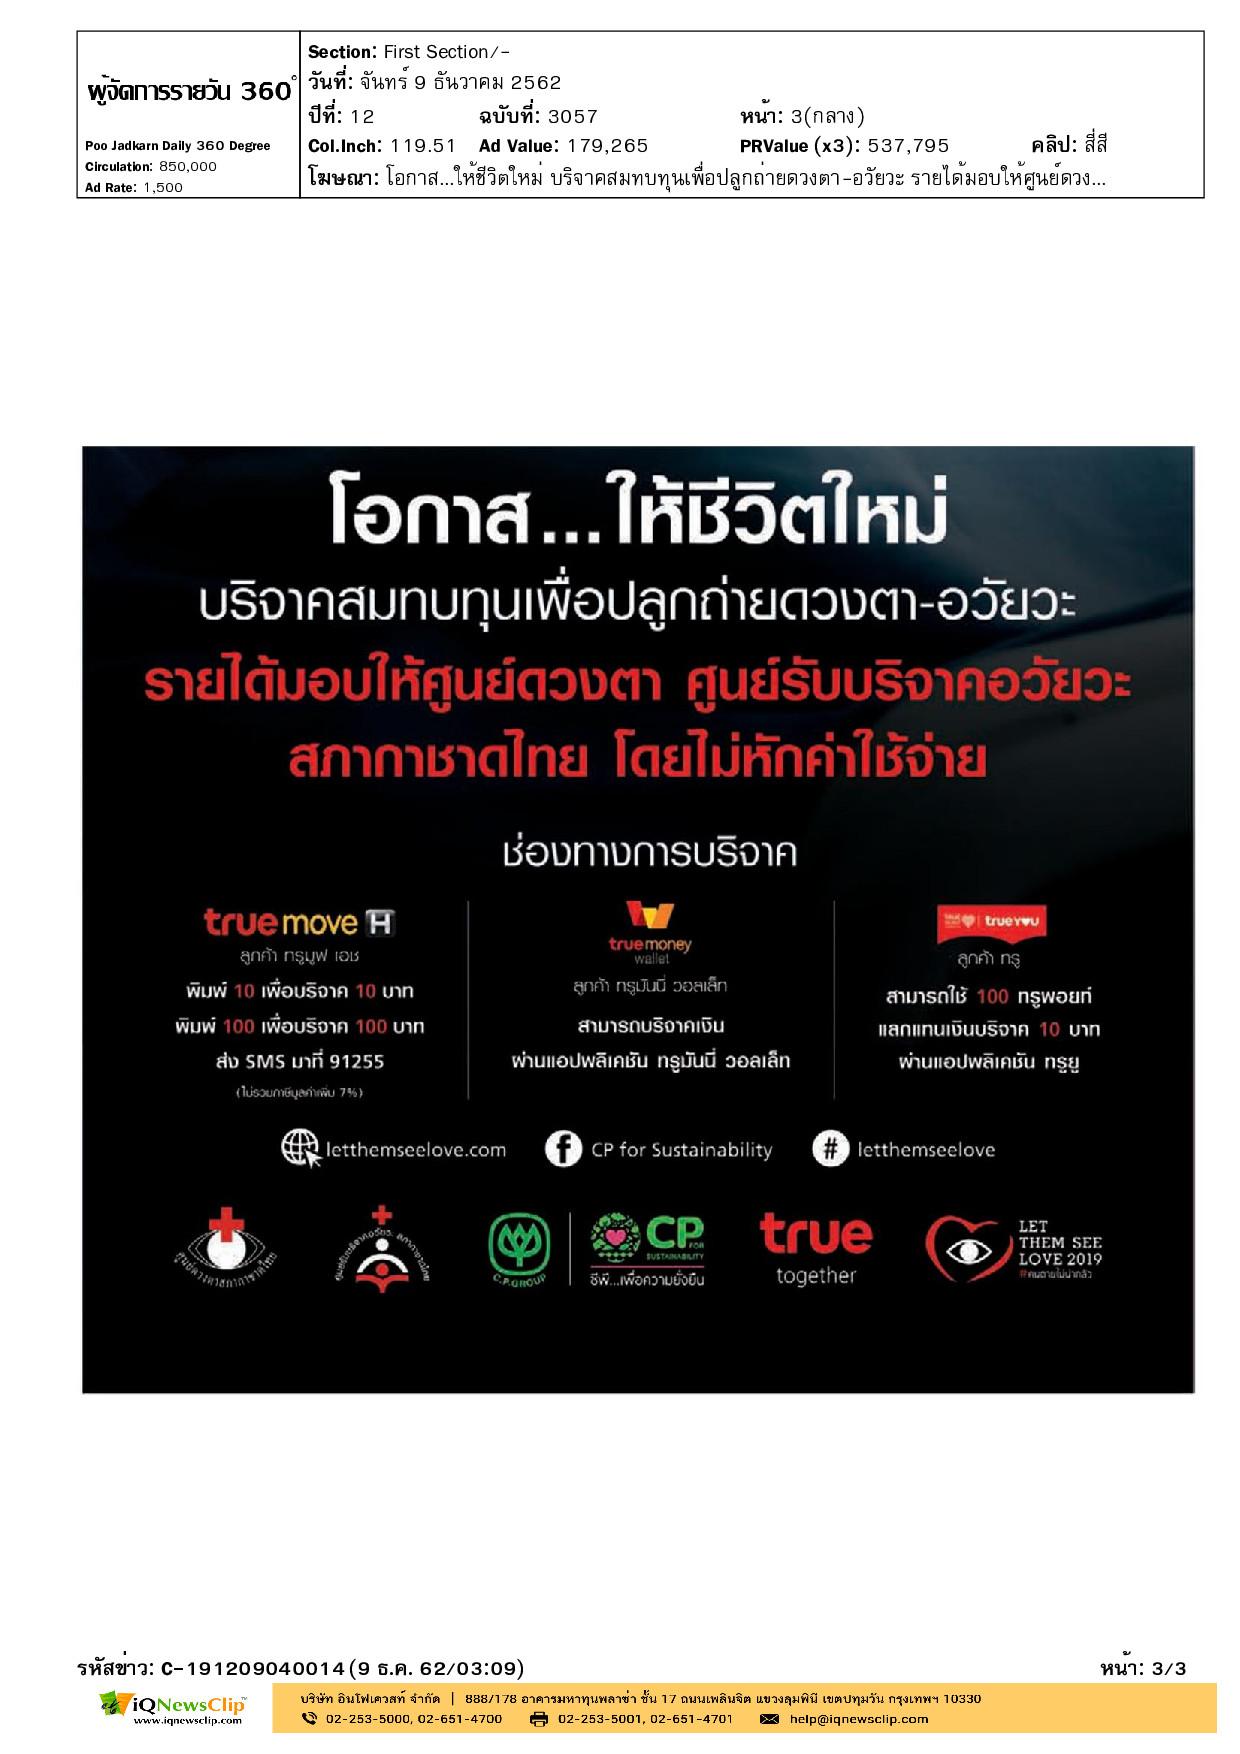 บริจาคสมทบทุนเพื่อปลูกถ่ายดวงตา-อวัยวะ สภากาชาดไทย